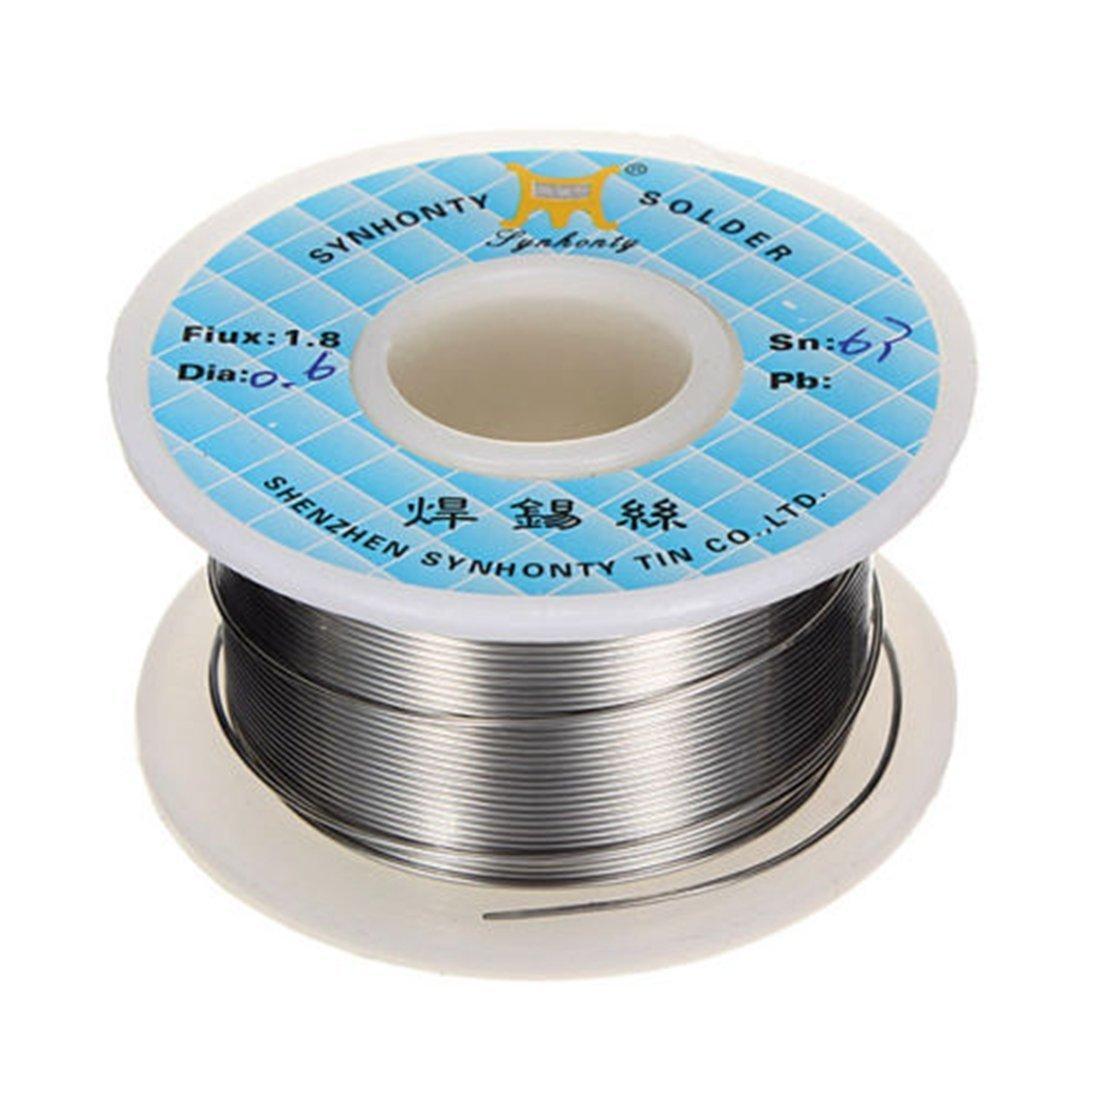 Припой для пайки оловянно-свинцовый Sn63/Pb37 0.6мм с флюсом, 50г